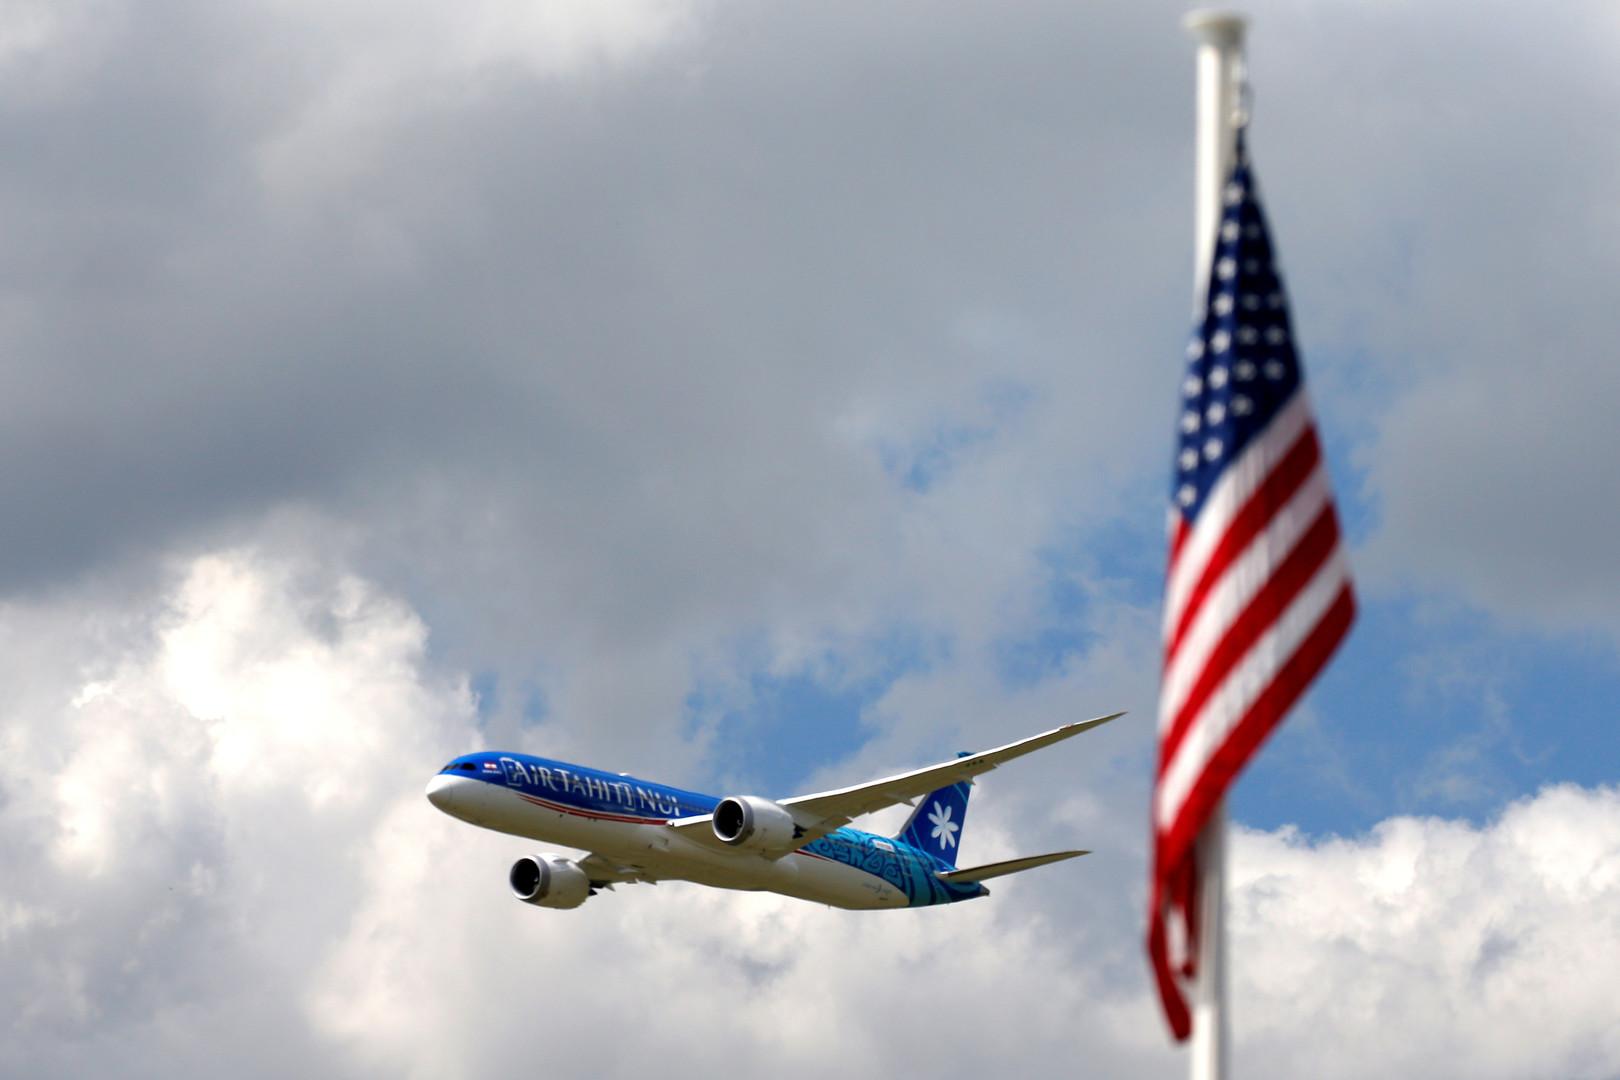 الولايات المتحدة تعتزم فرض رسوم جمركية مشددة على منتجات أوروبية